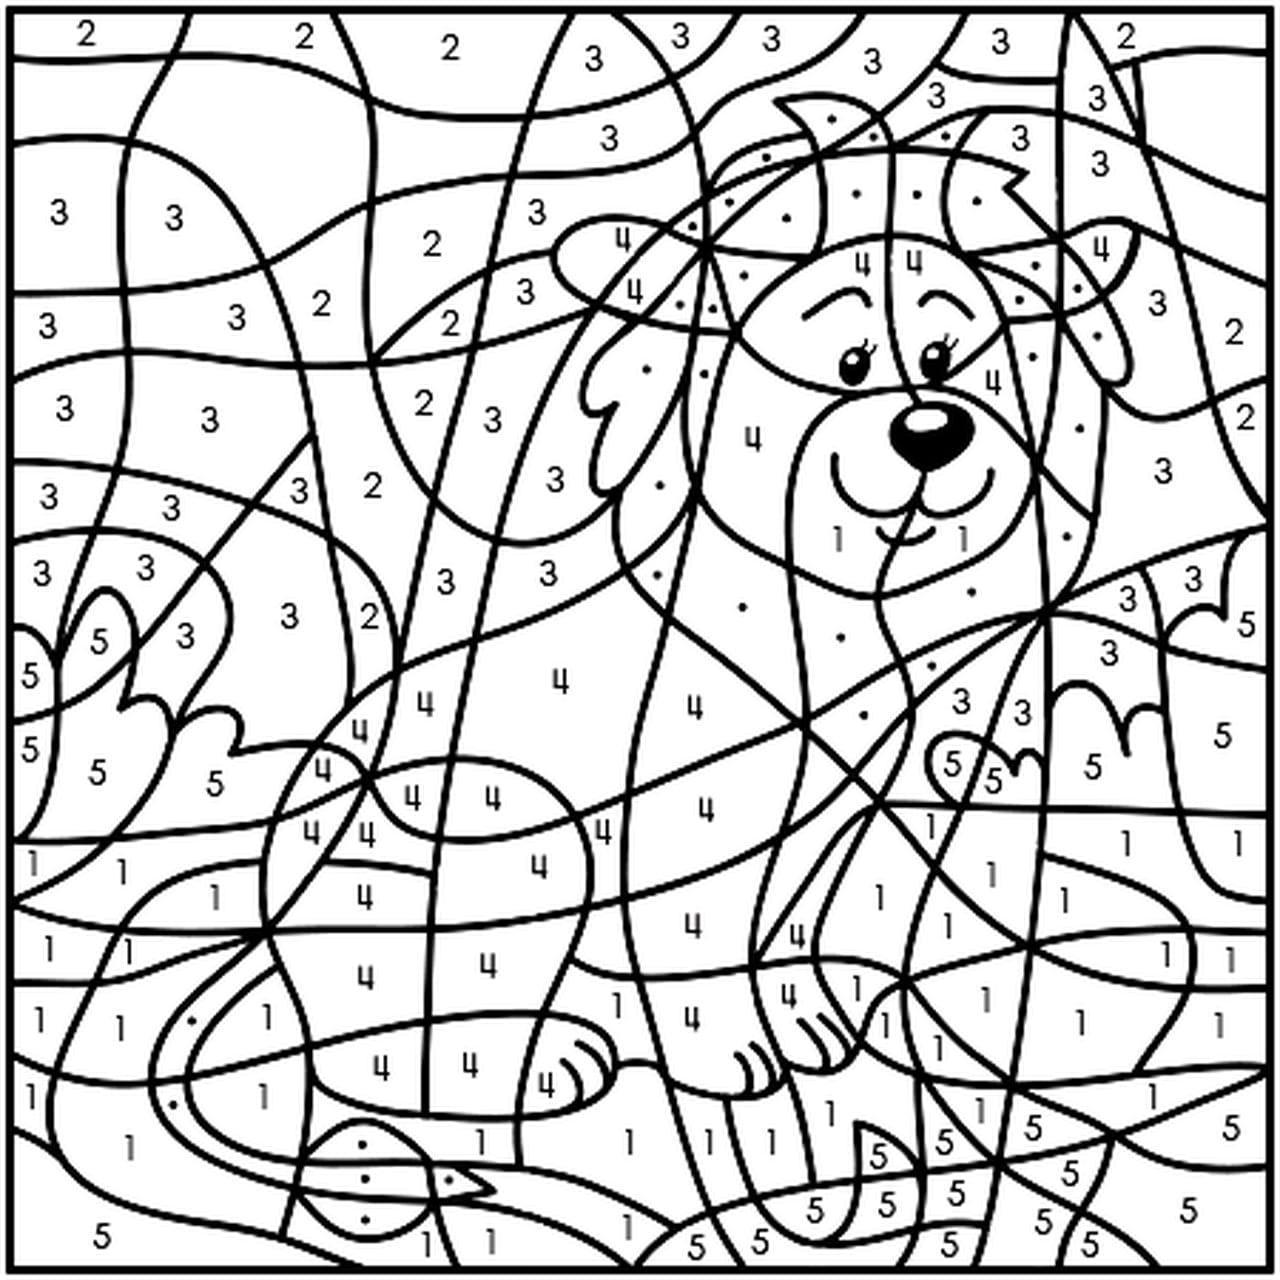 Coloriage Magique Animaux Sauvages.Coloriage Magique Lion En Ligne Gratuit A Imprimer